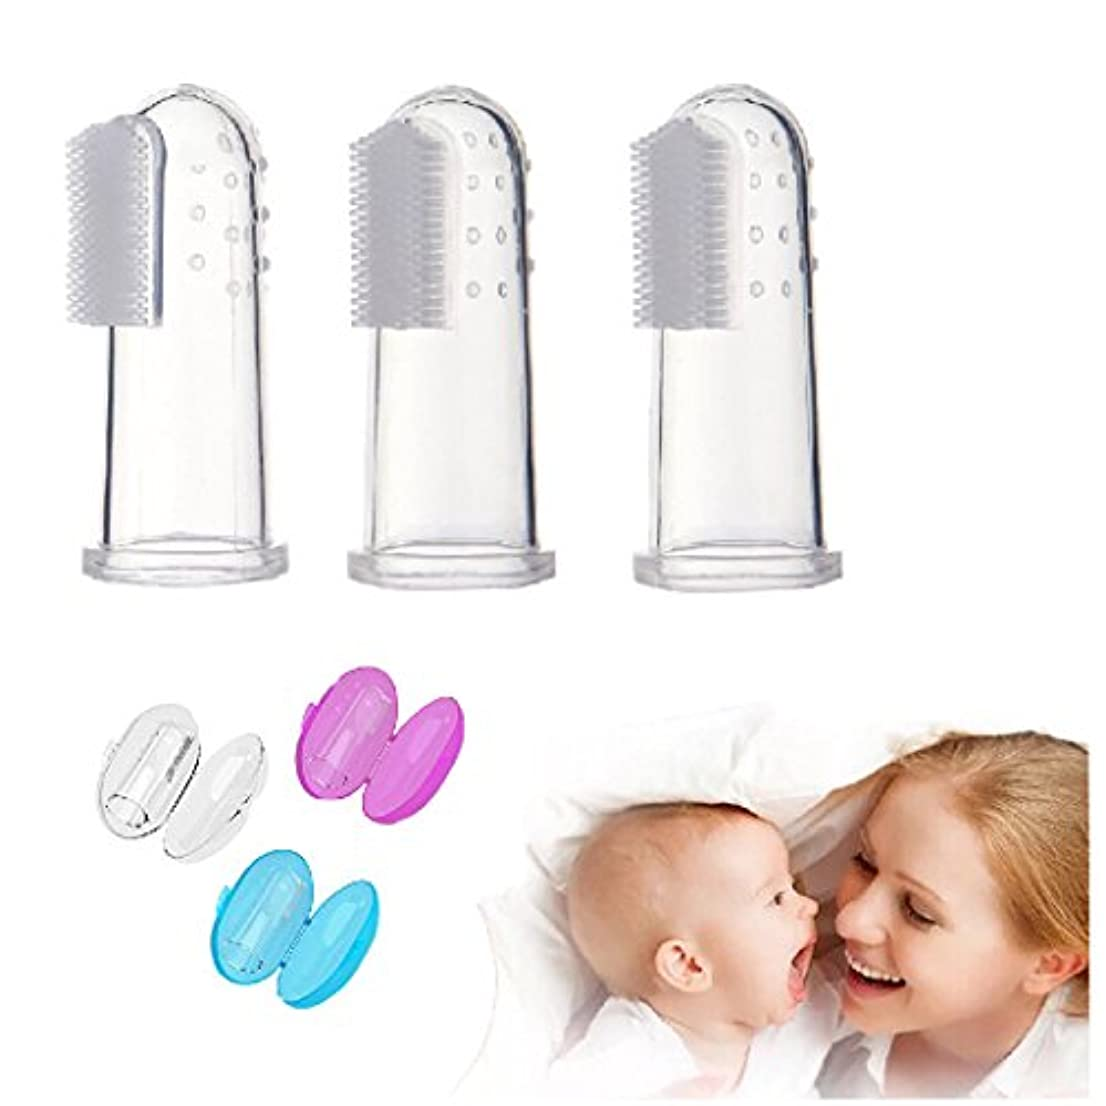 赤ちゃんの指の歯ブラシ3セット食品グレードシリコーン指歯ブラシケース付き歯ブラシティーザーとオーラルマッサージャー用赤ちゃん&幼児